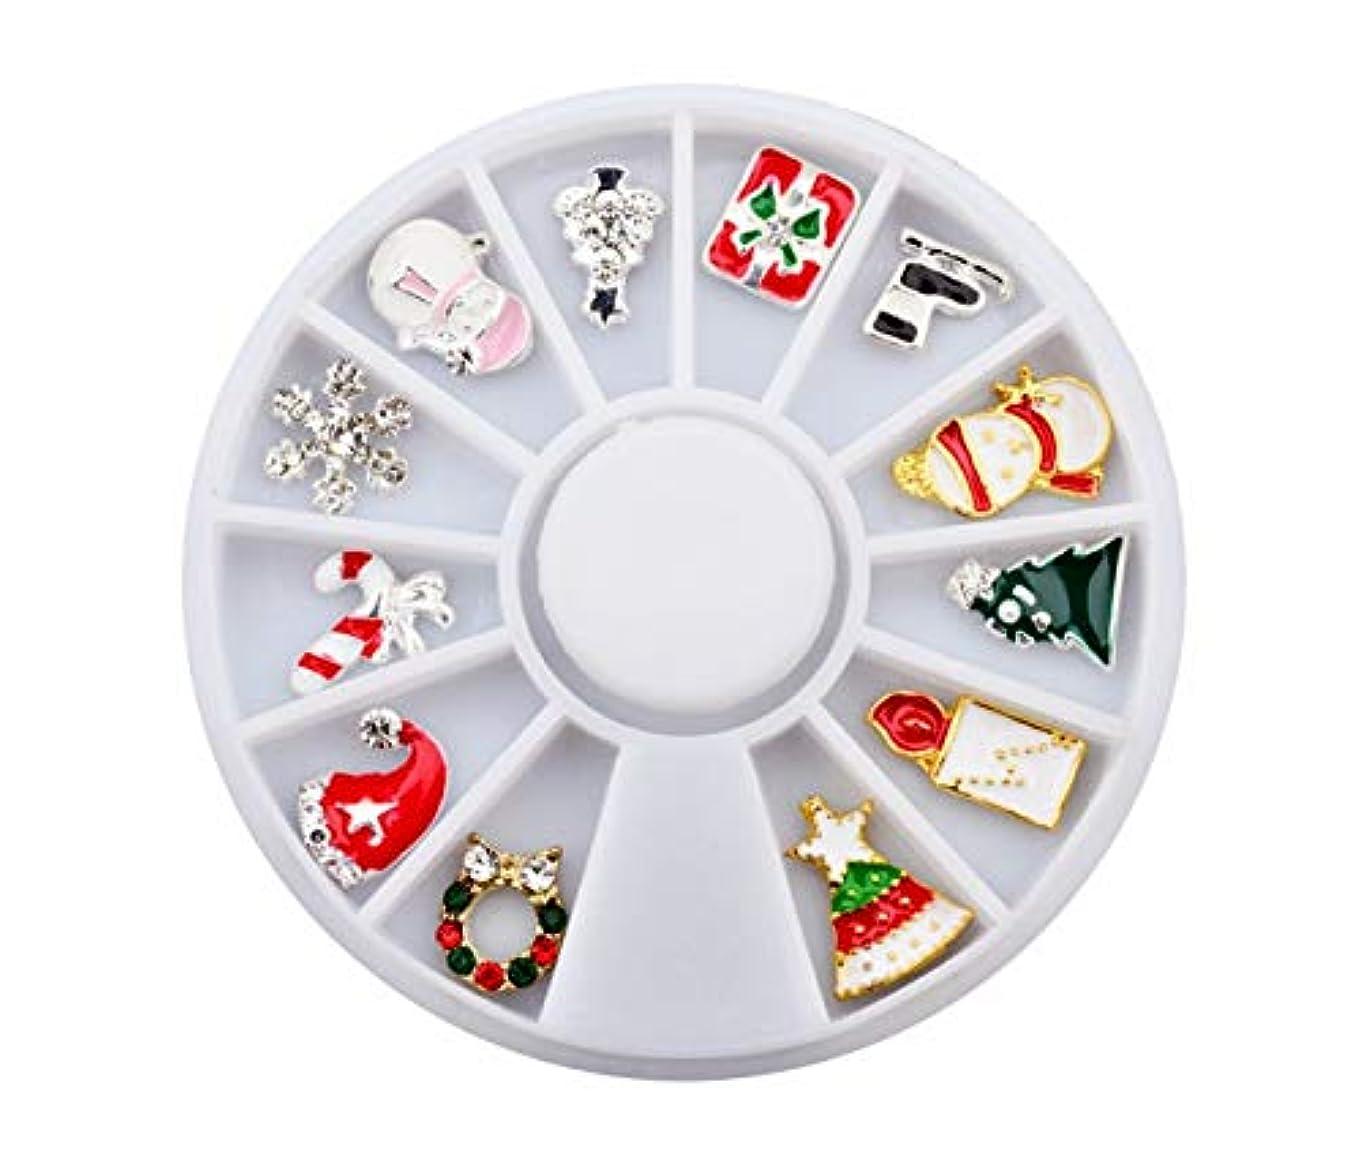 ギャラントリーうつ元に戻すTianmey クリスマスフェイク釘金属の3DダイヤモンドDIYネイルアートクリスマスの装飾ホリデー付け爪グリッターラインストーンネイル用品ジュエリー